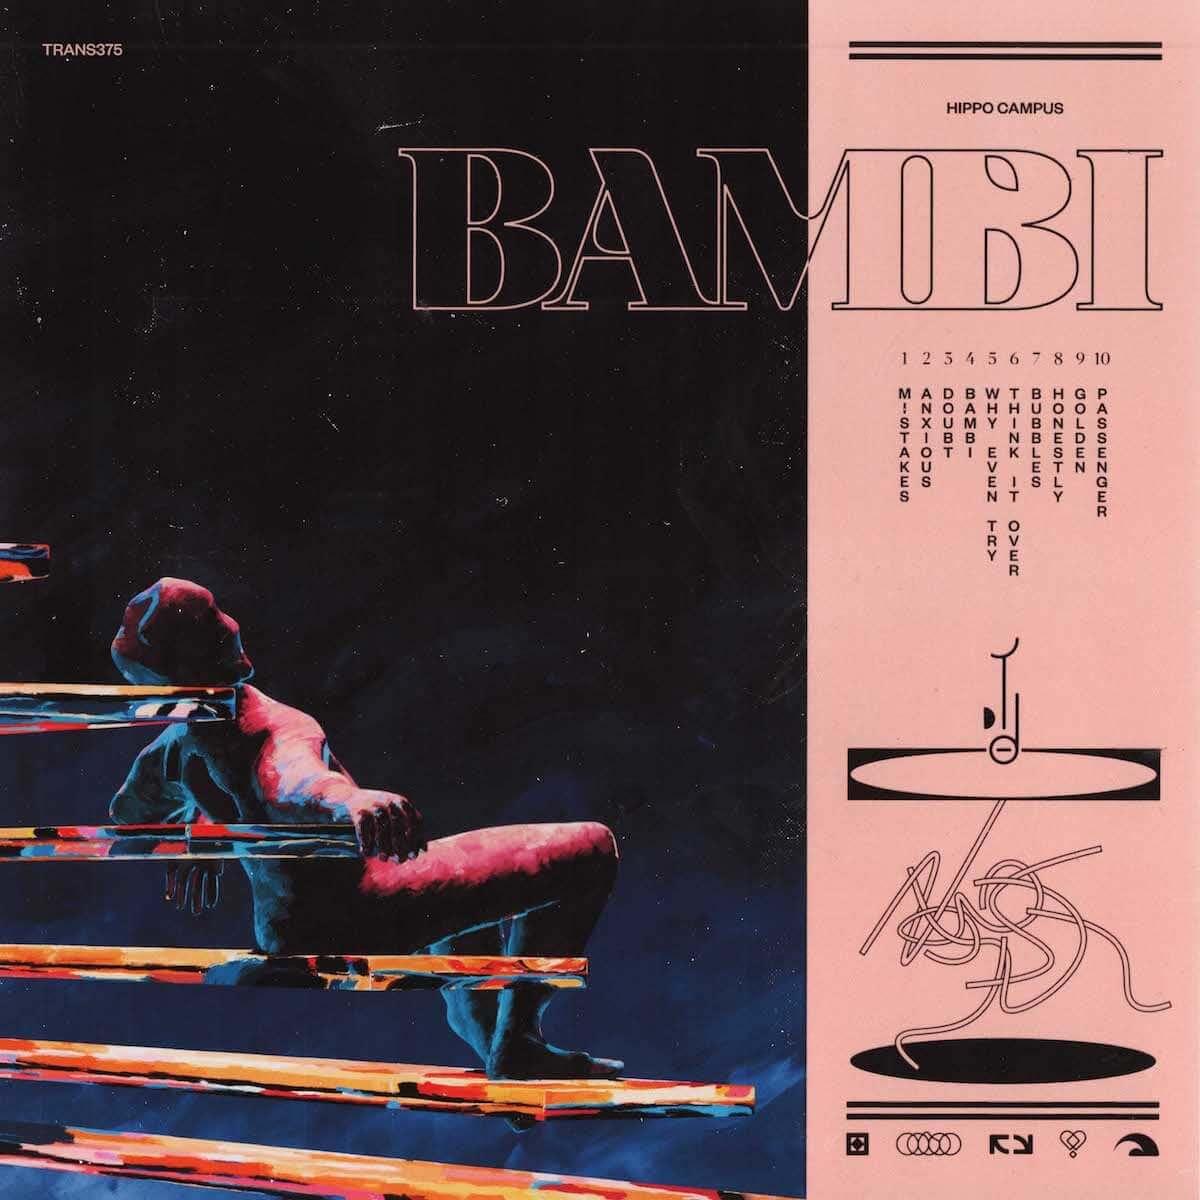 ヒッポー・キャンパスのセカンド・アルバム『バンビ』が配信リリース!!ザ・ディストリクツをゲストに迎えてUSツアーも実施 music_180928_02-1200x1200